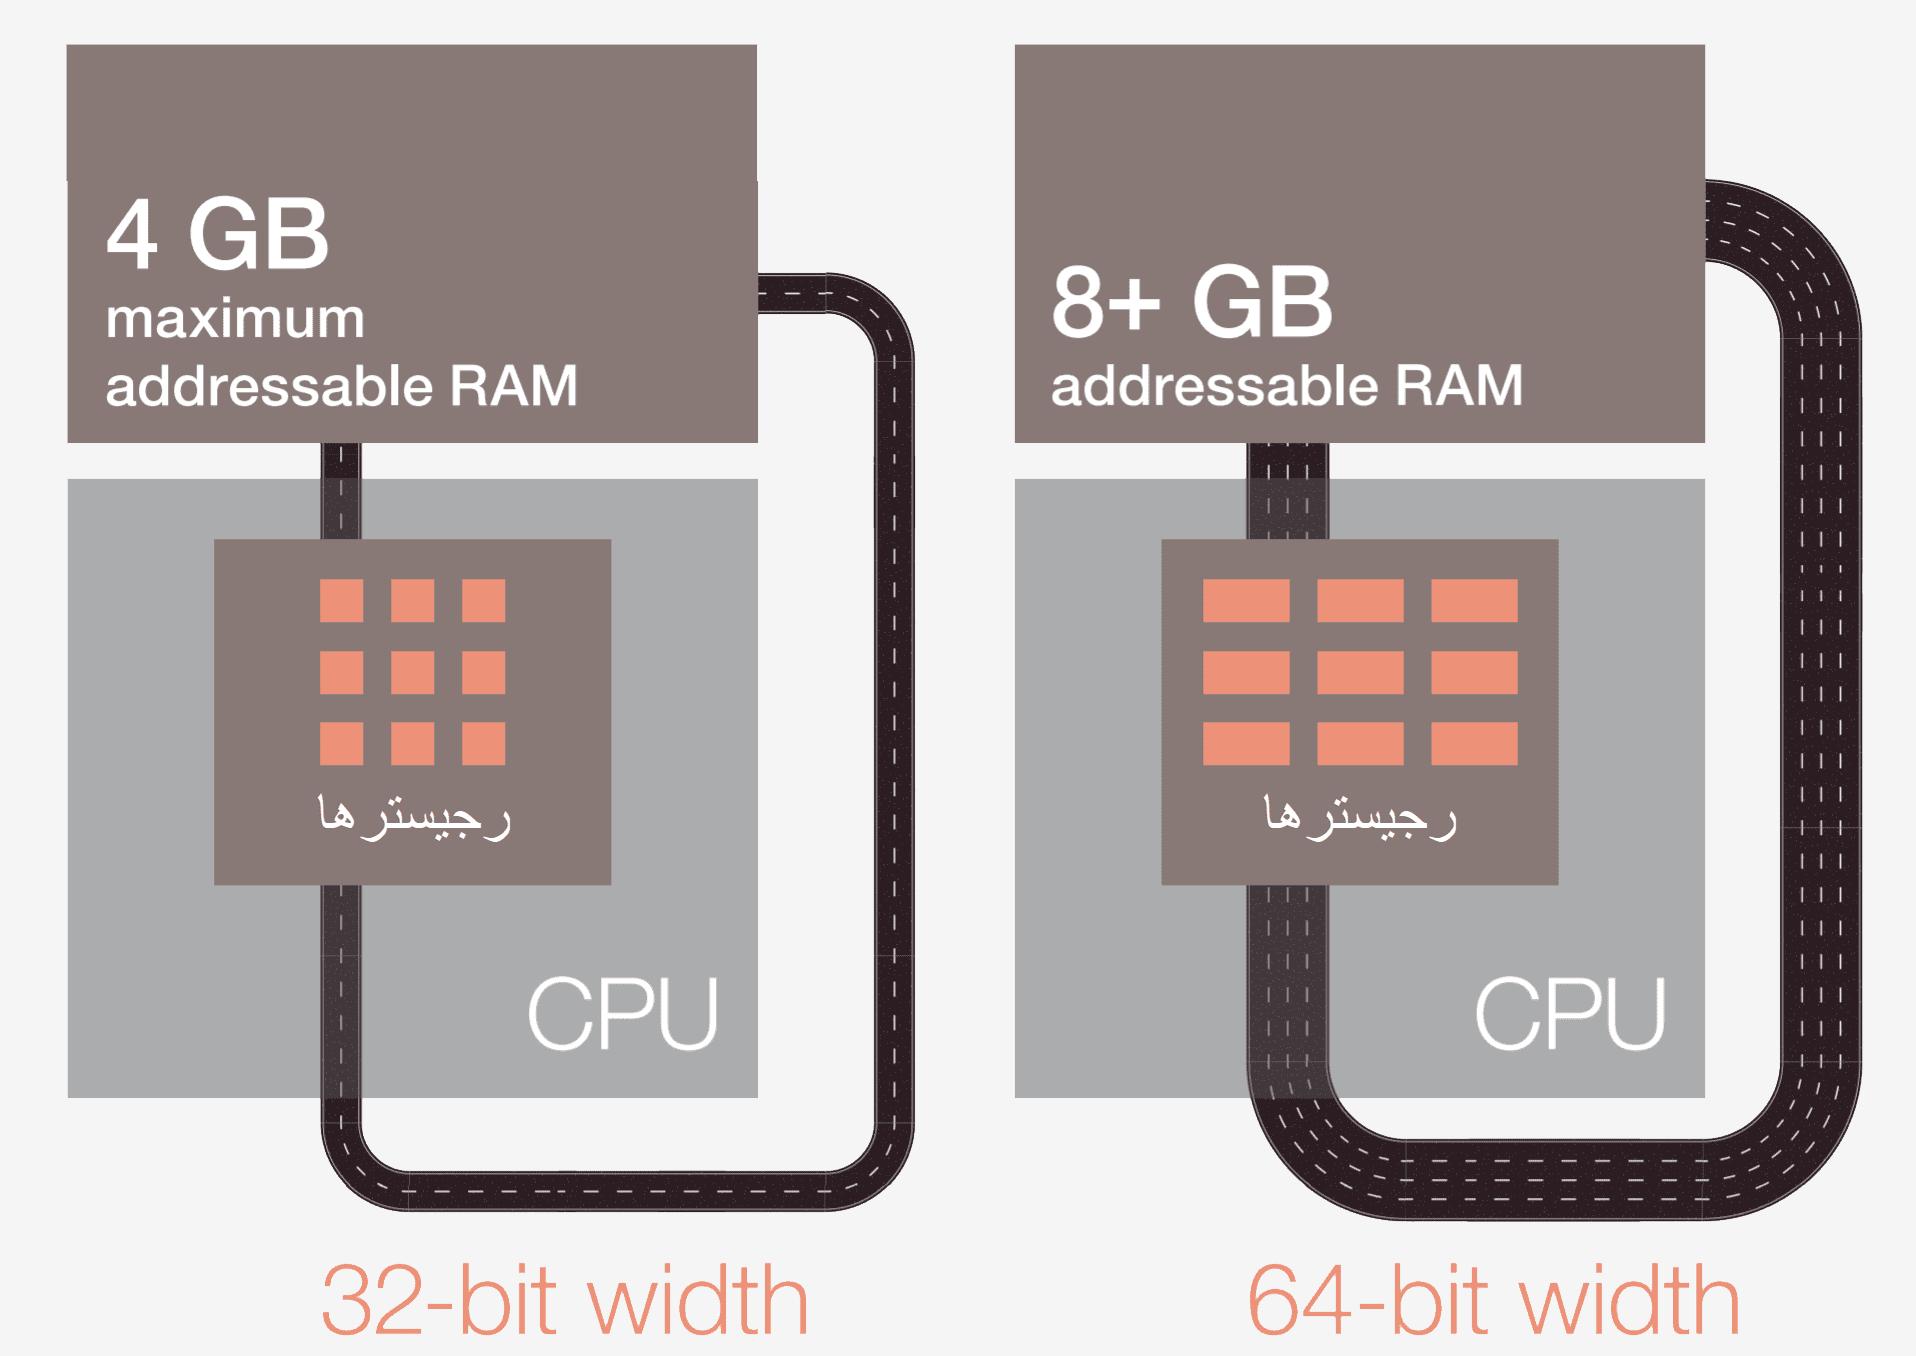 2019 04 21 image 2 درون مغز کامپیوتر؛ پردازنده چگونه دستورات را اجرا میکند؟ اخبار IT